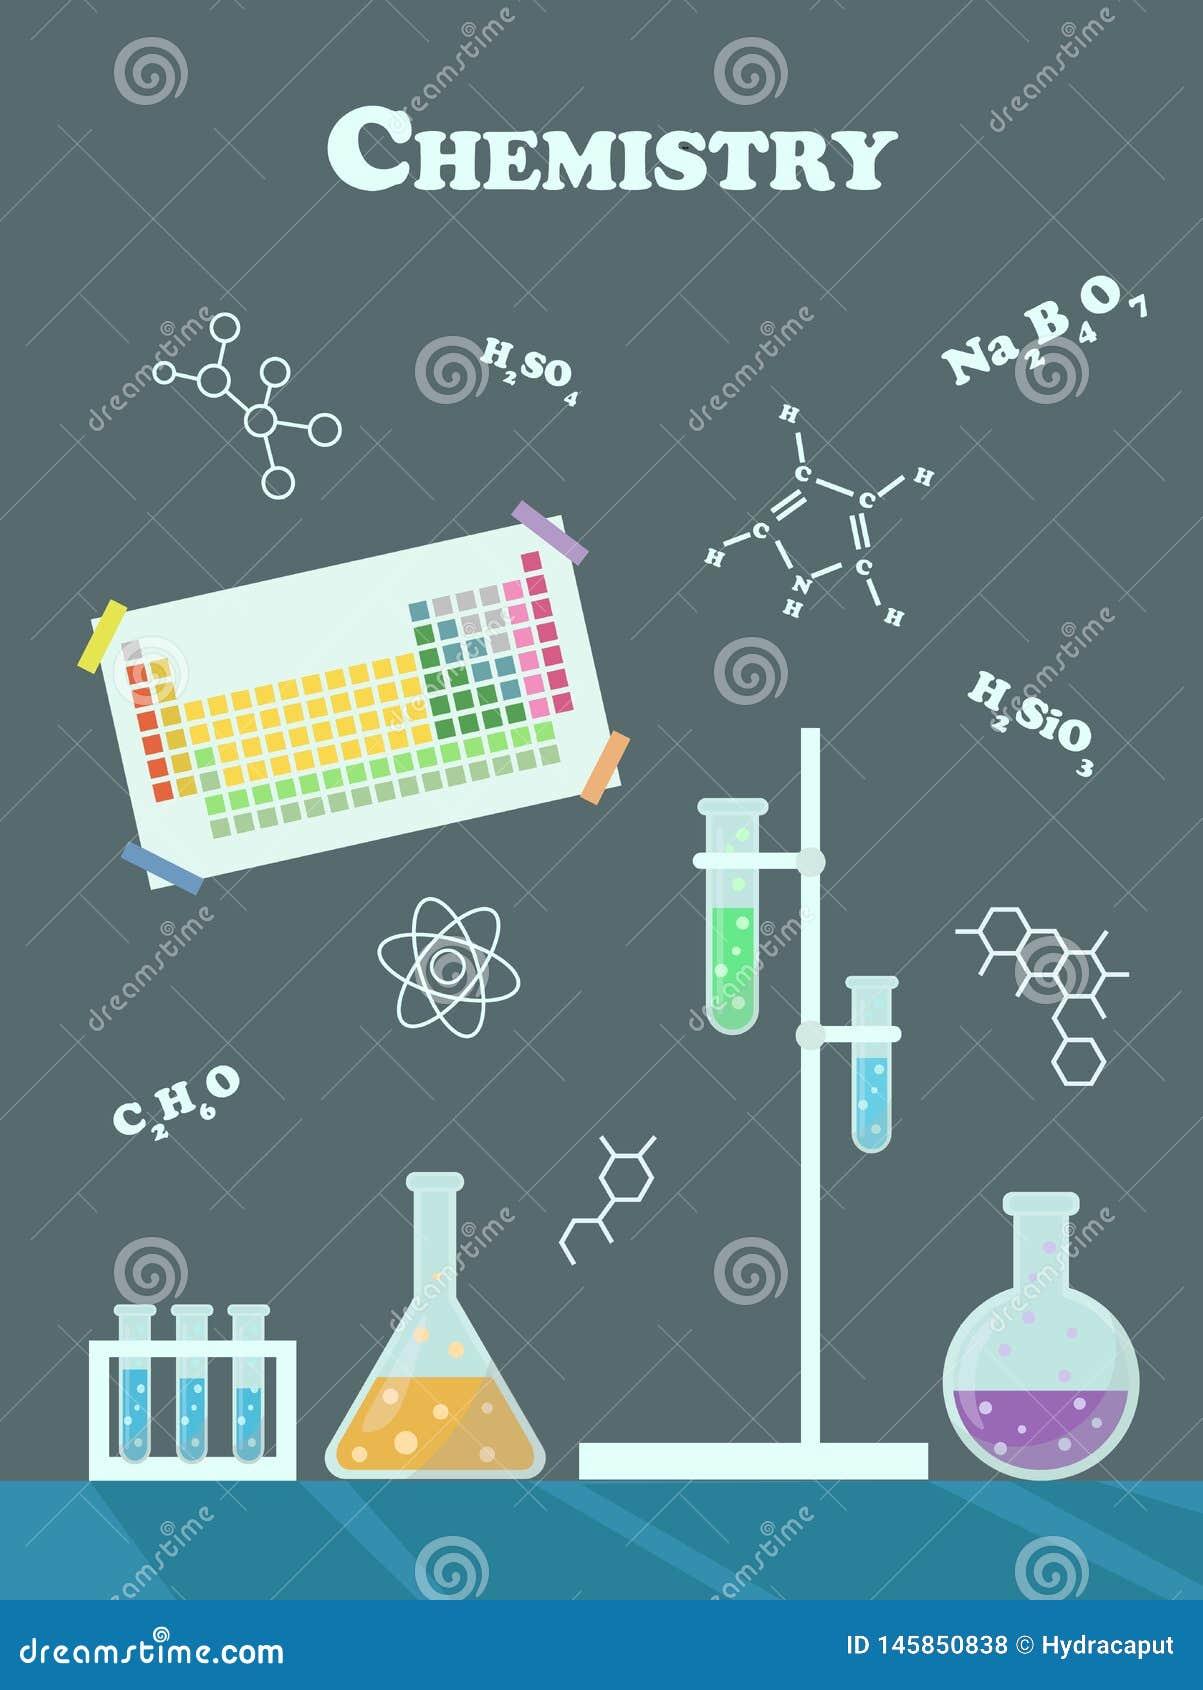 Affiche pour illustrer la leçon de chimie